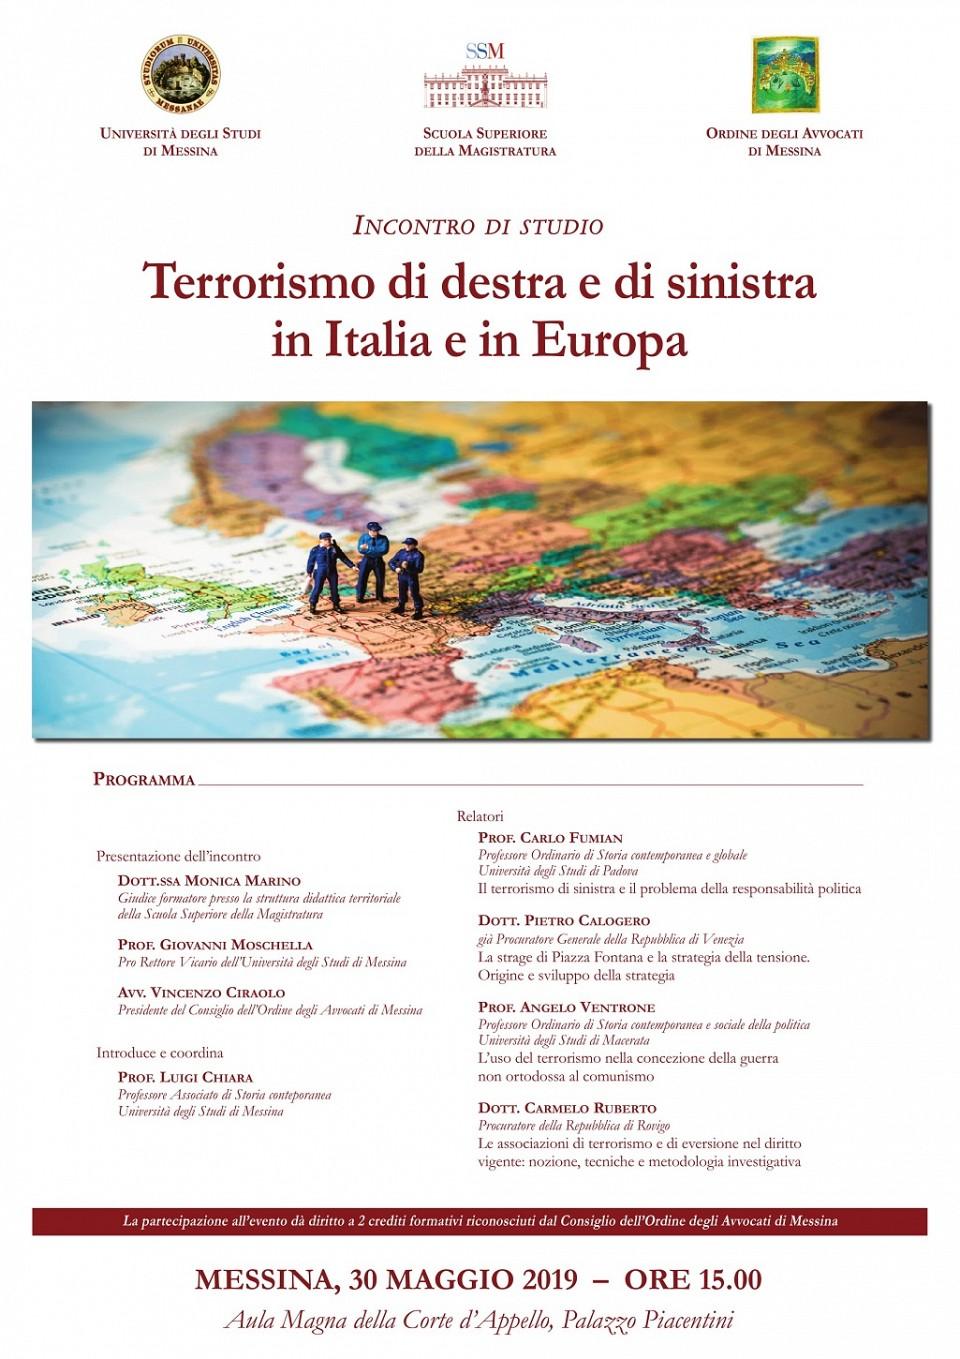 Terrorismo di destra e di sinistra in Italia e in Europa